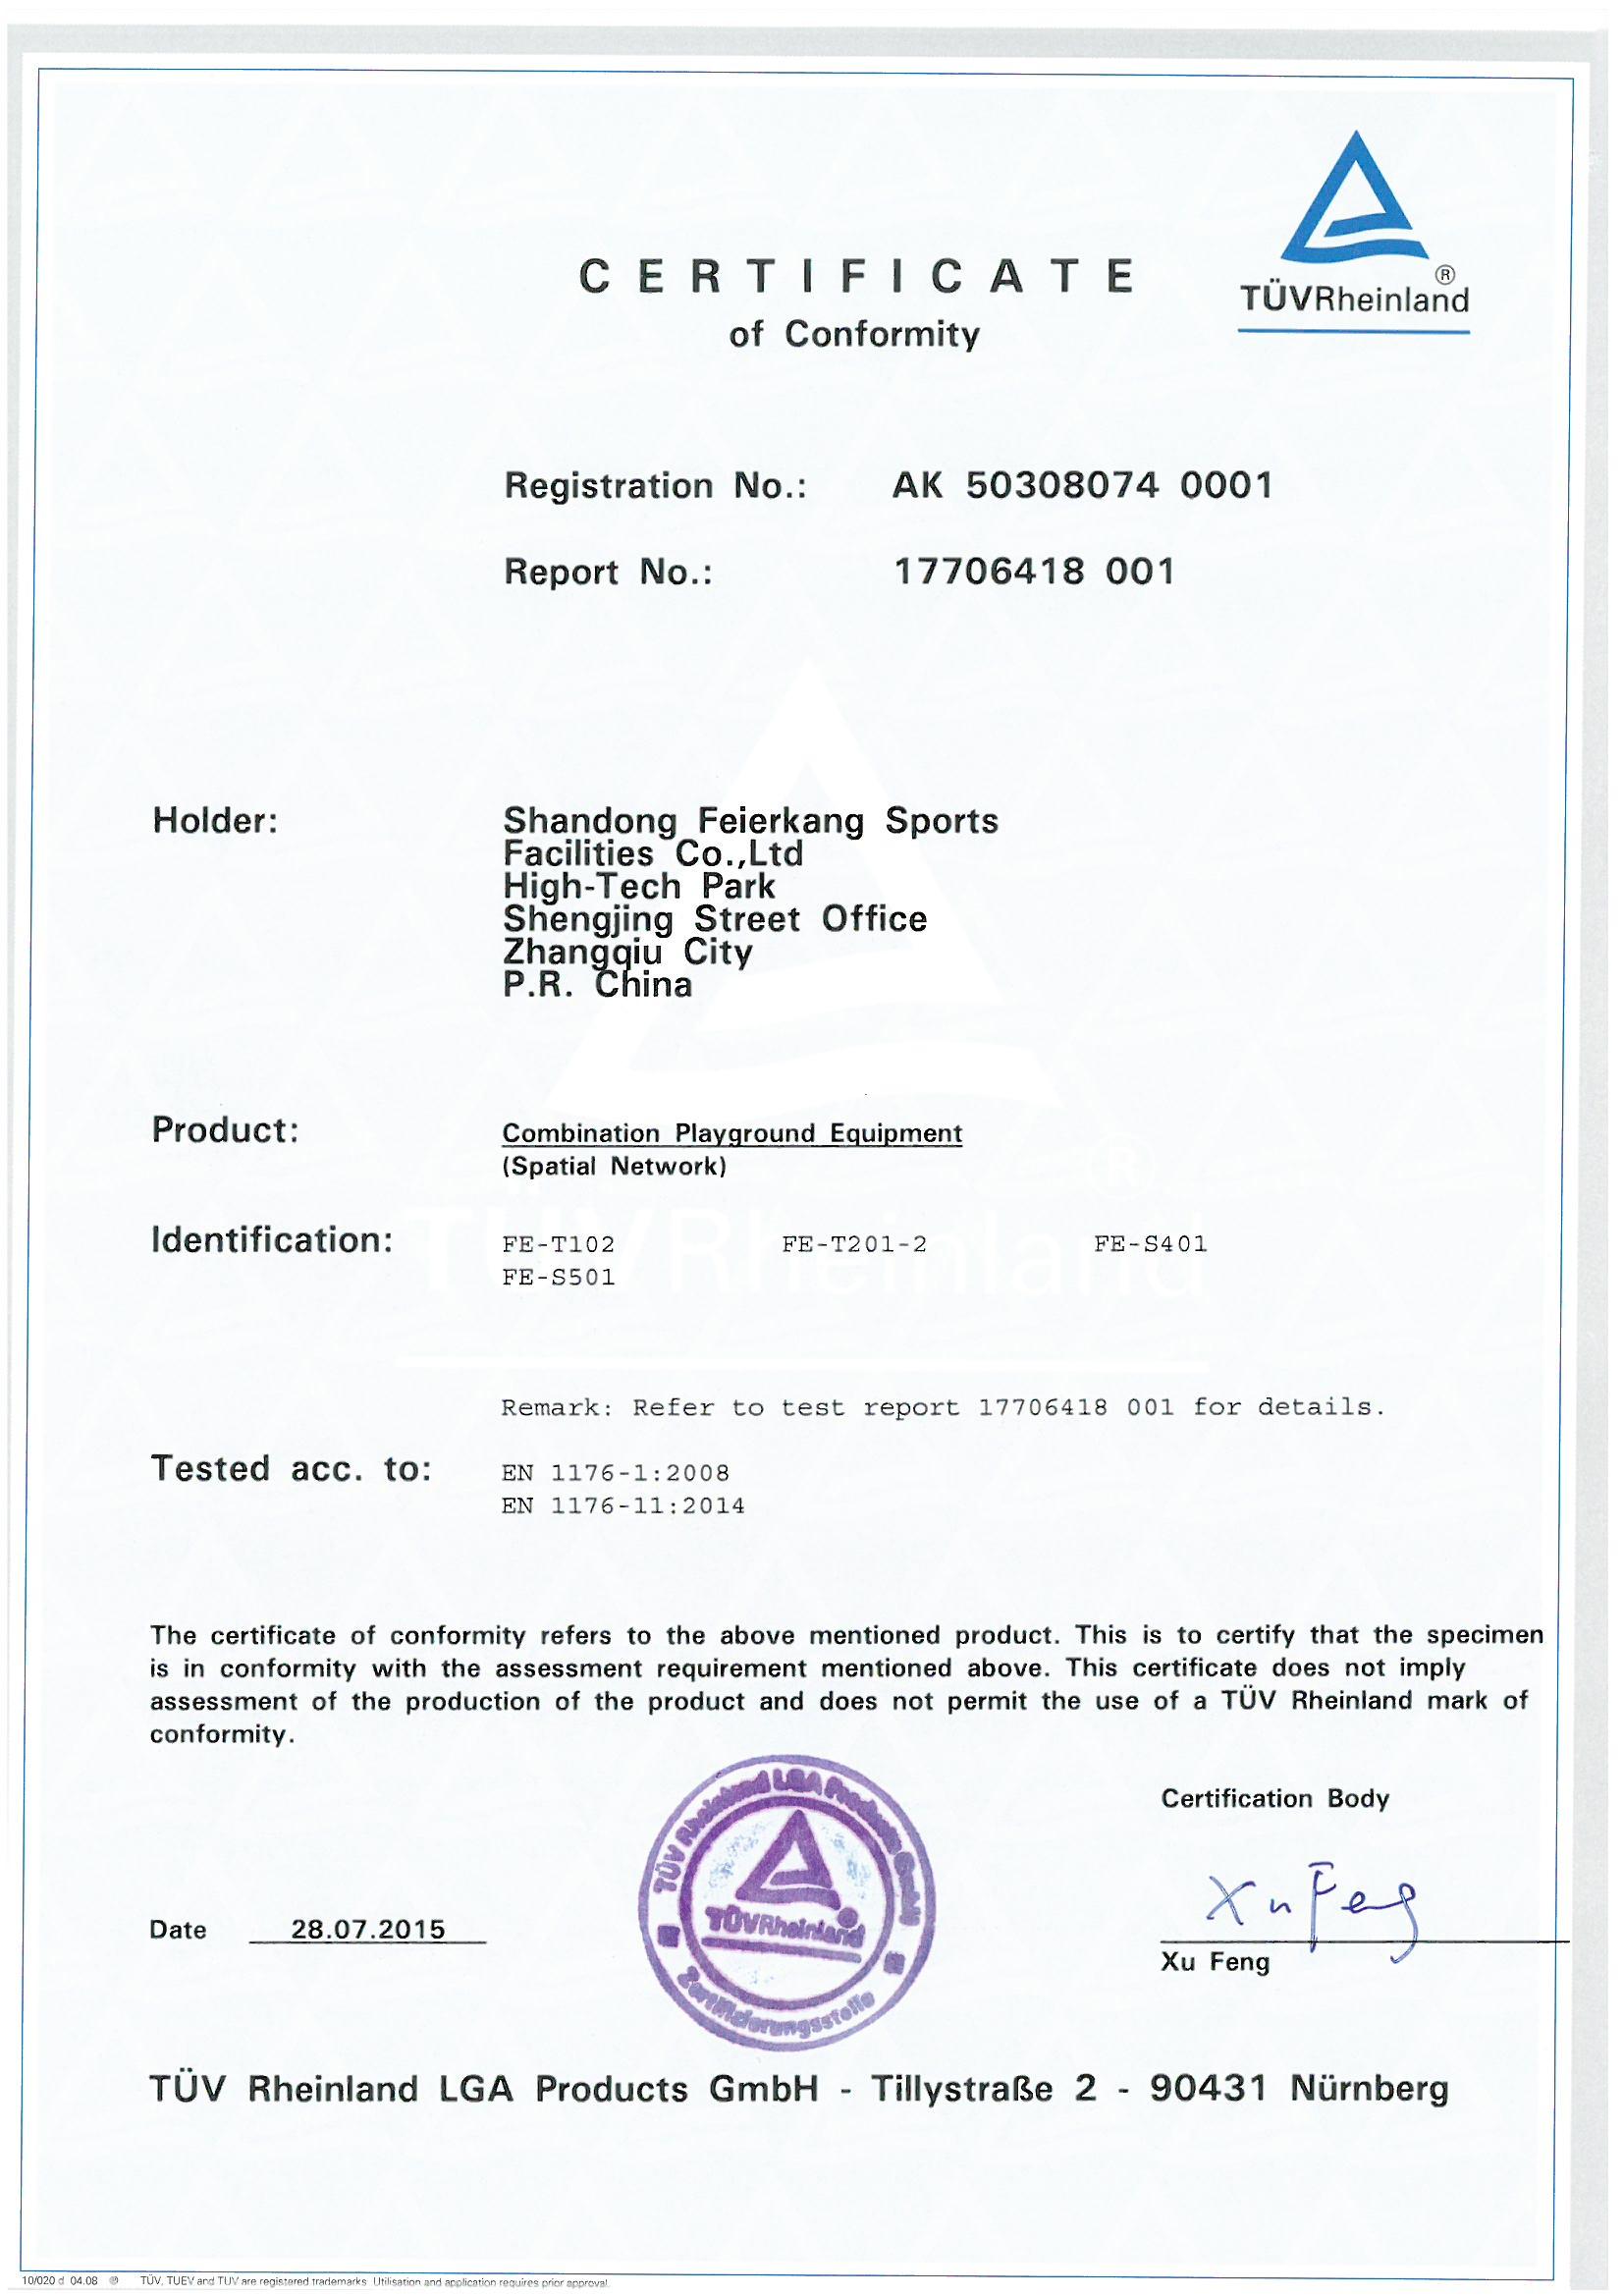 Combination Playground Equipment TUV certificate